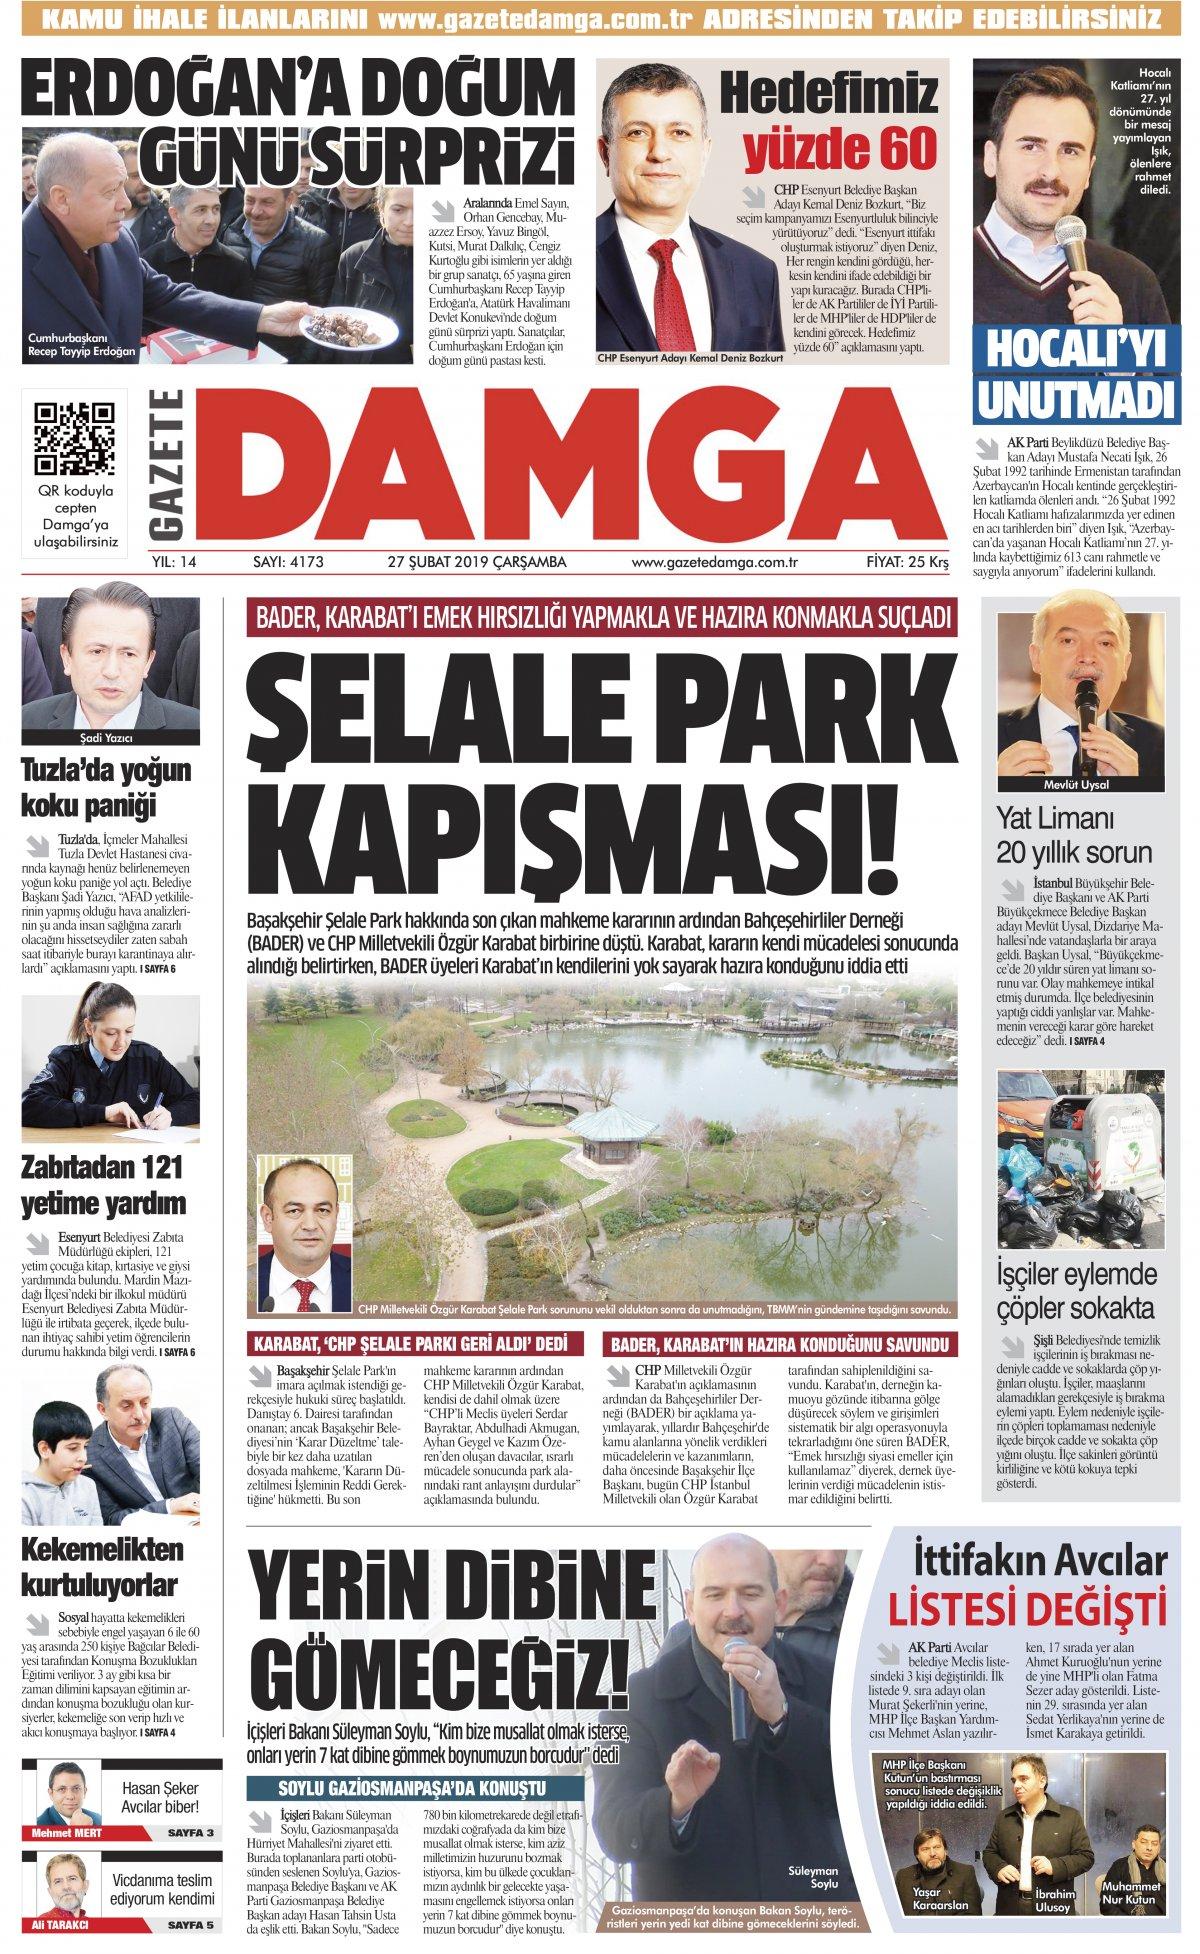 Gazete Damga - 27.02.2019 Sayfaları